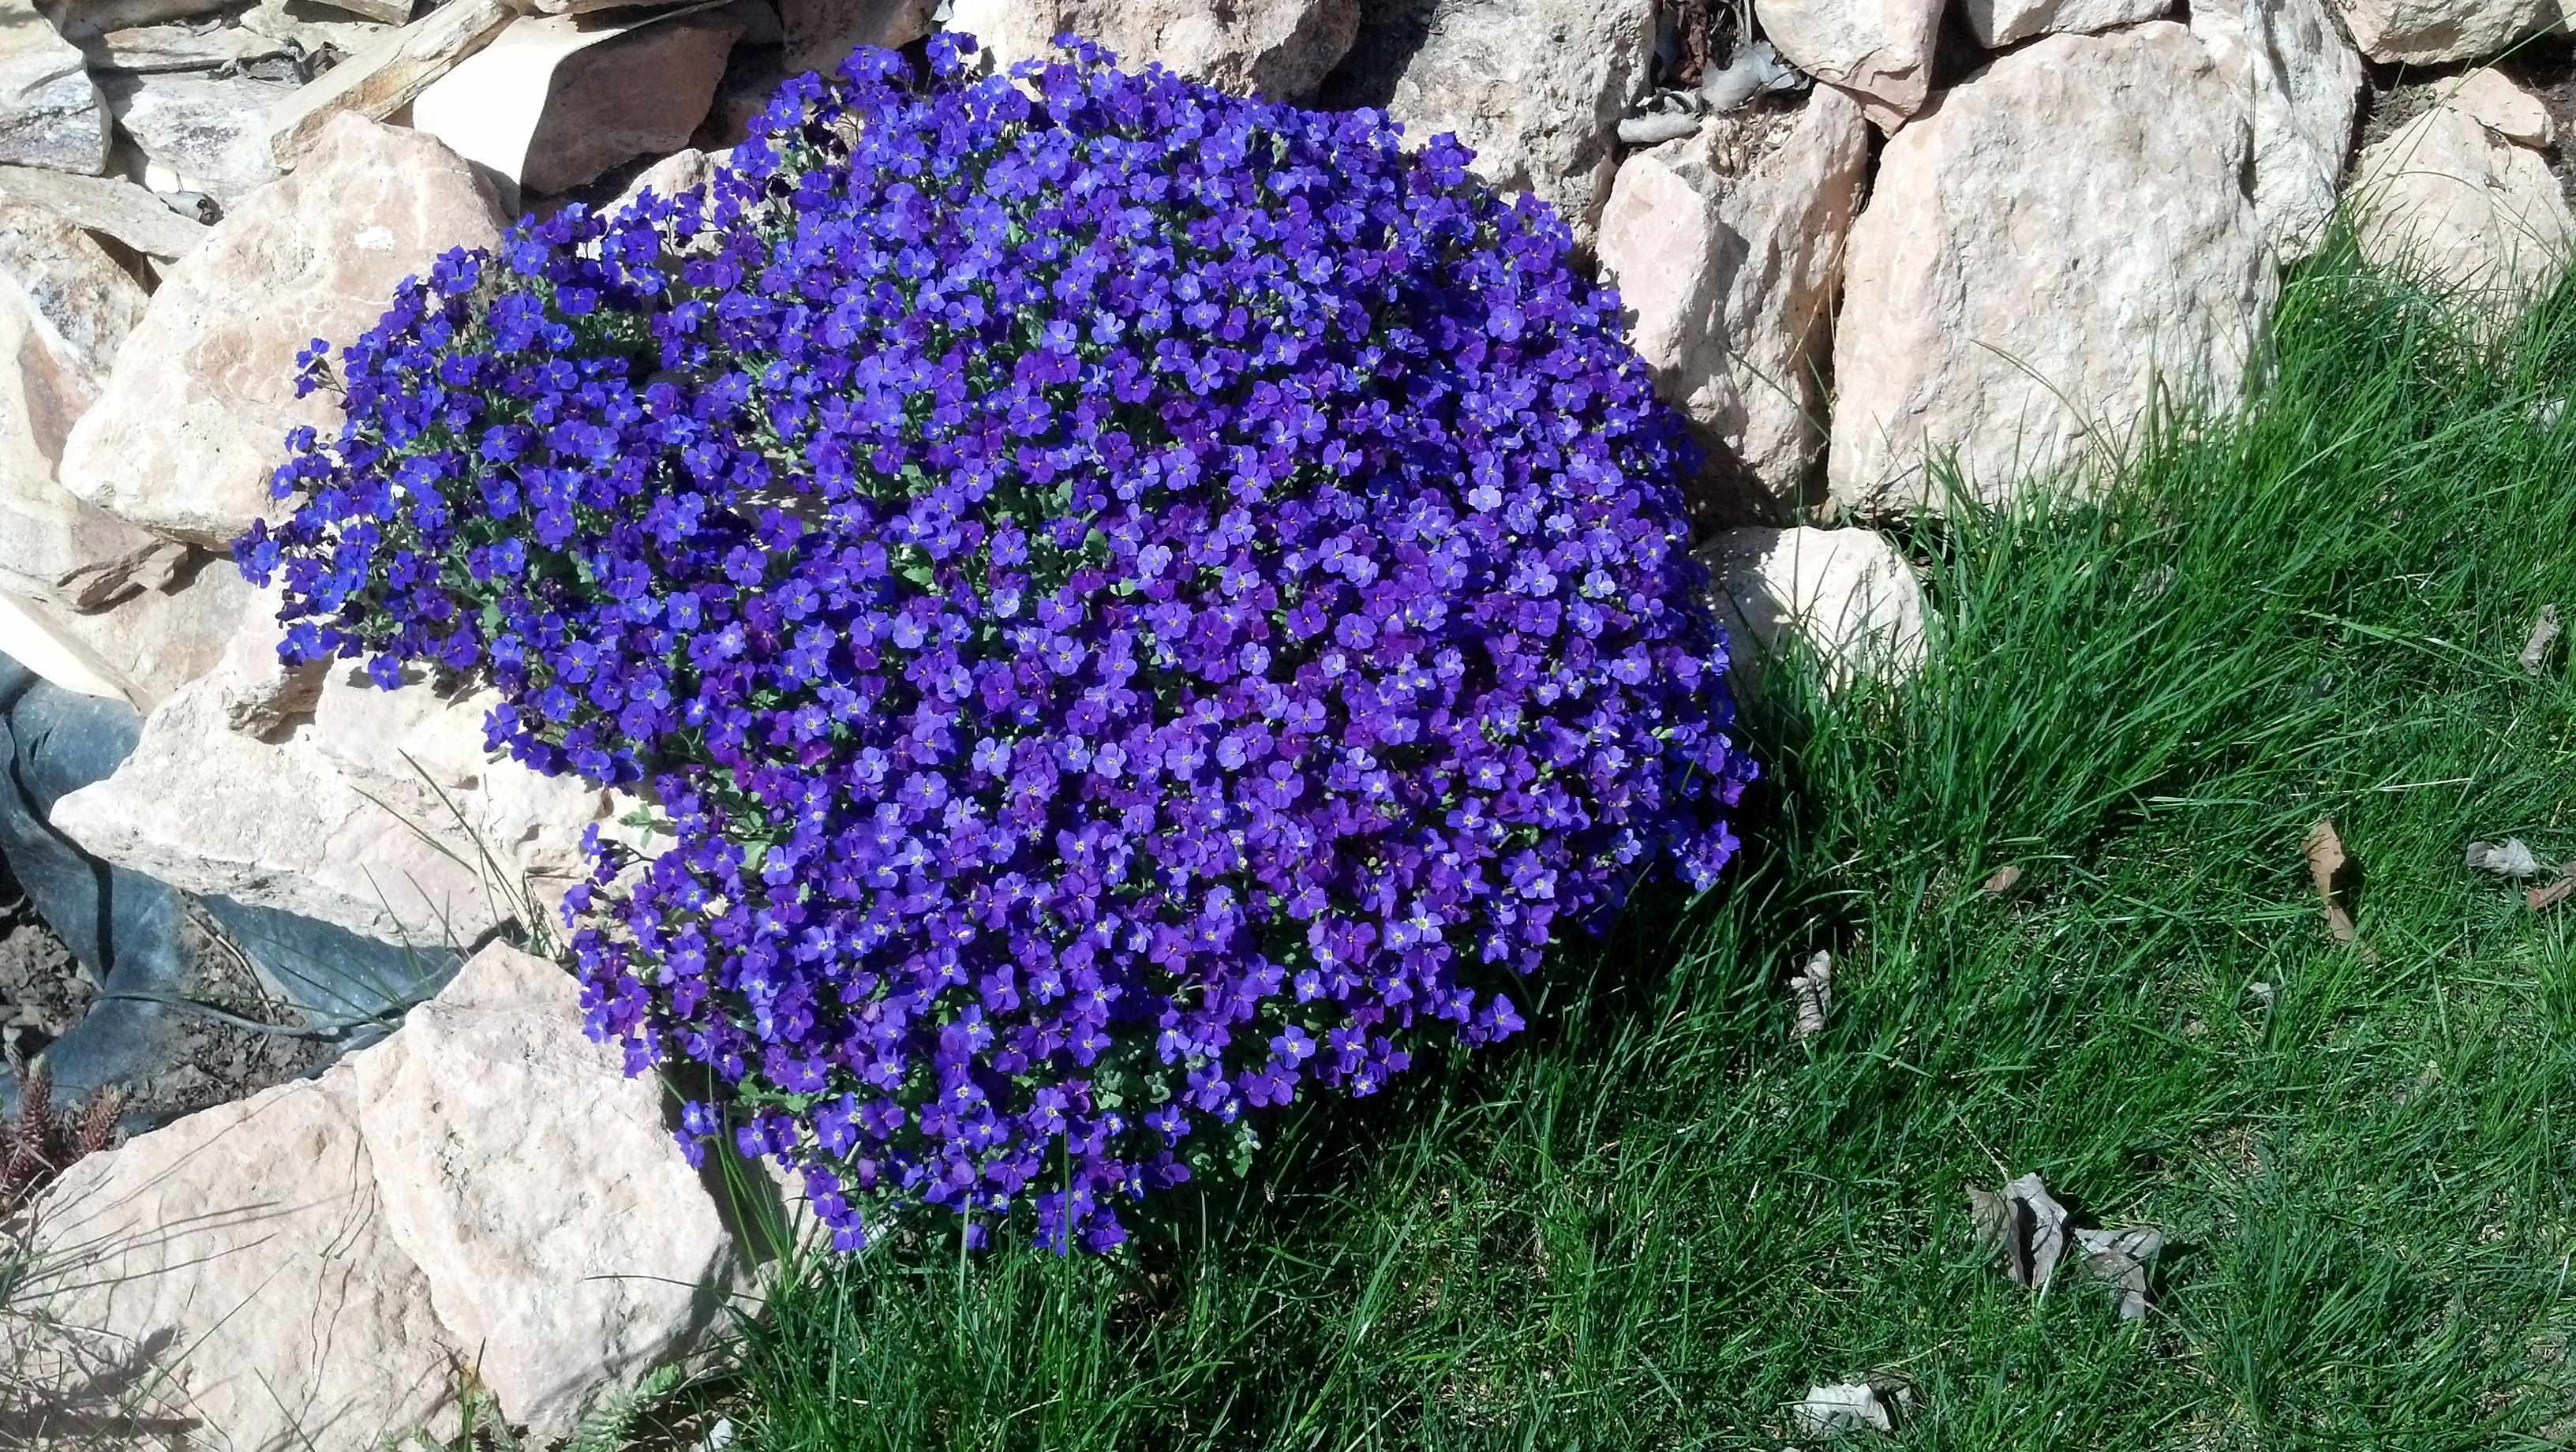 aubretia azul planta perenne muy f cil de cuidar resiste On planta perenne en maceta de invierno